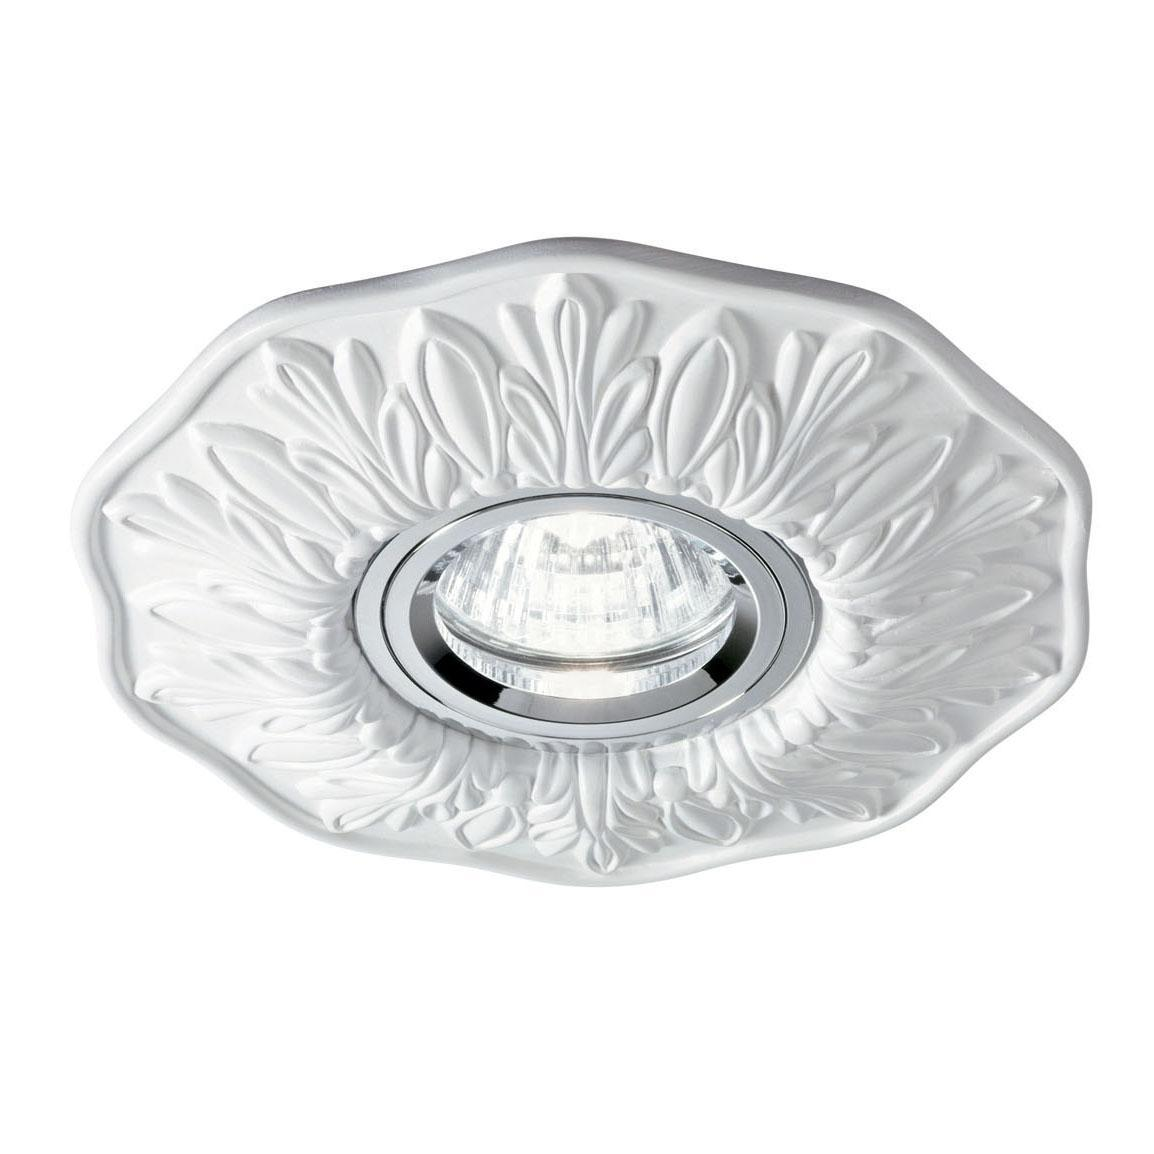 Встраиваемый светильник Ideal Lux Polka Bianco ideal lux встраиваемый светильник ideal lux swing bianco